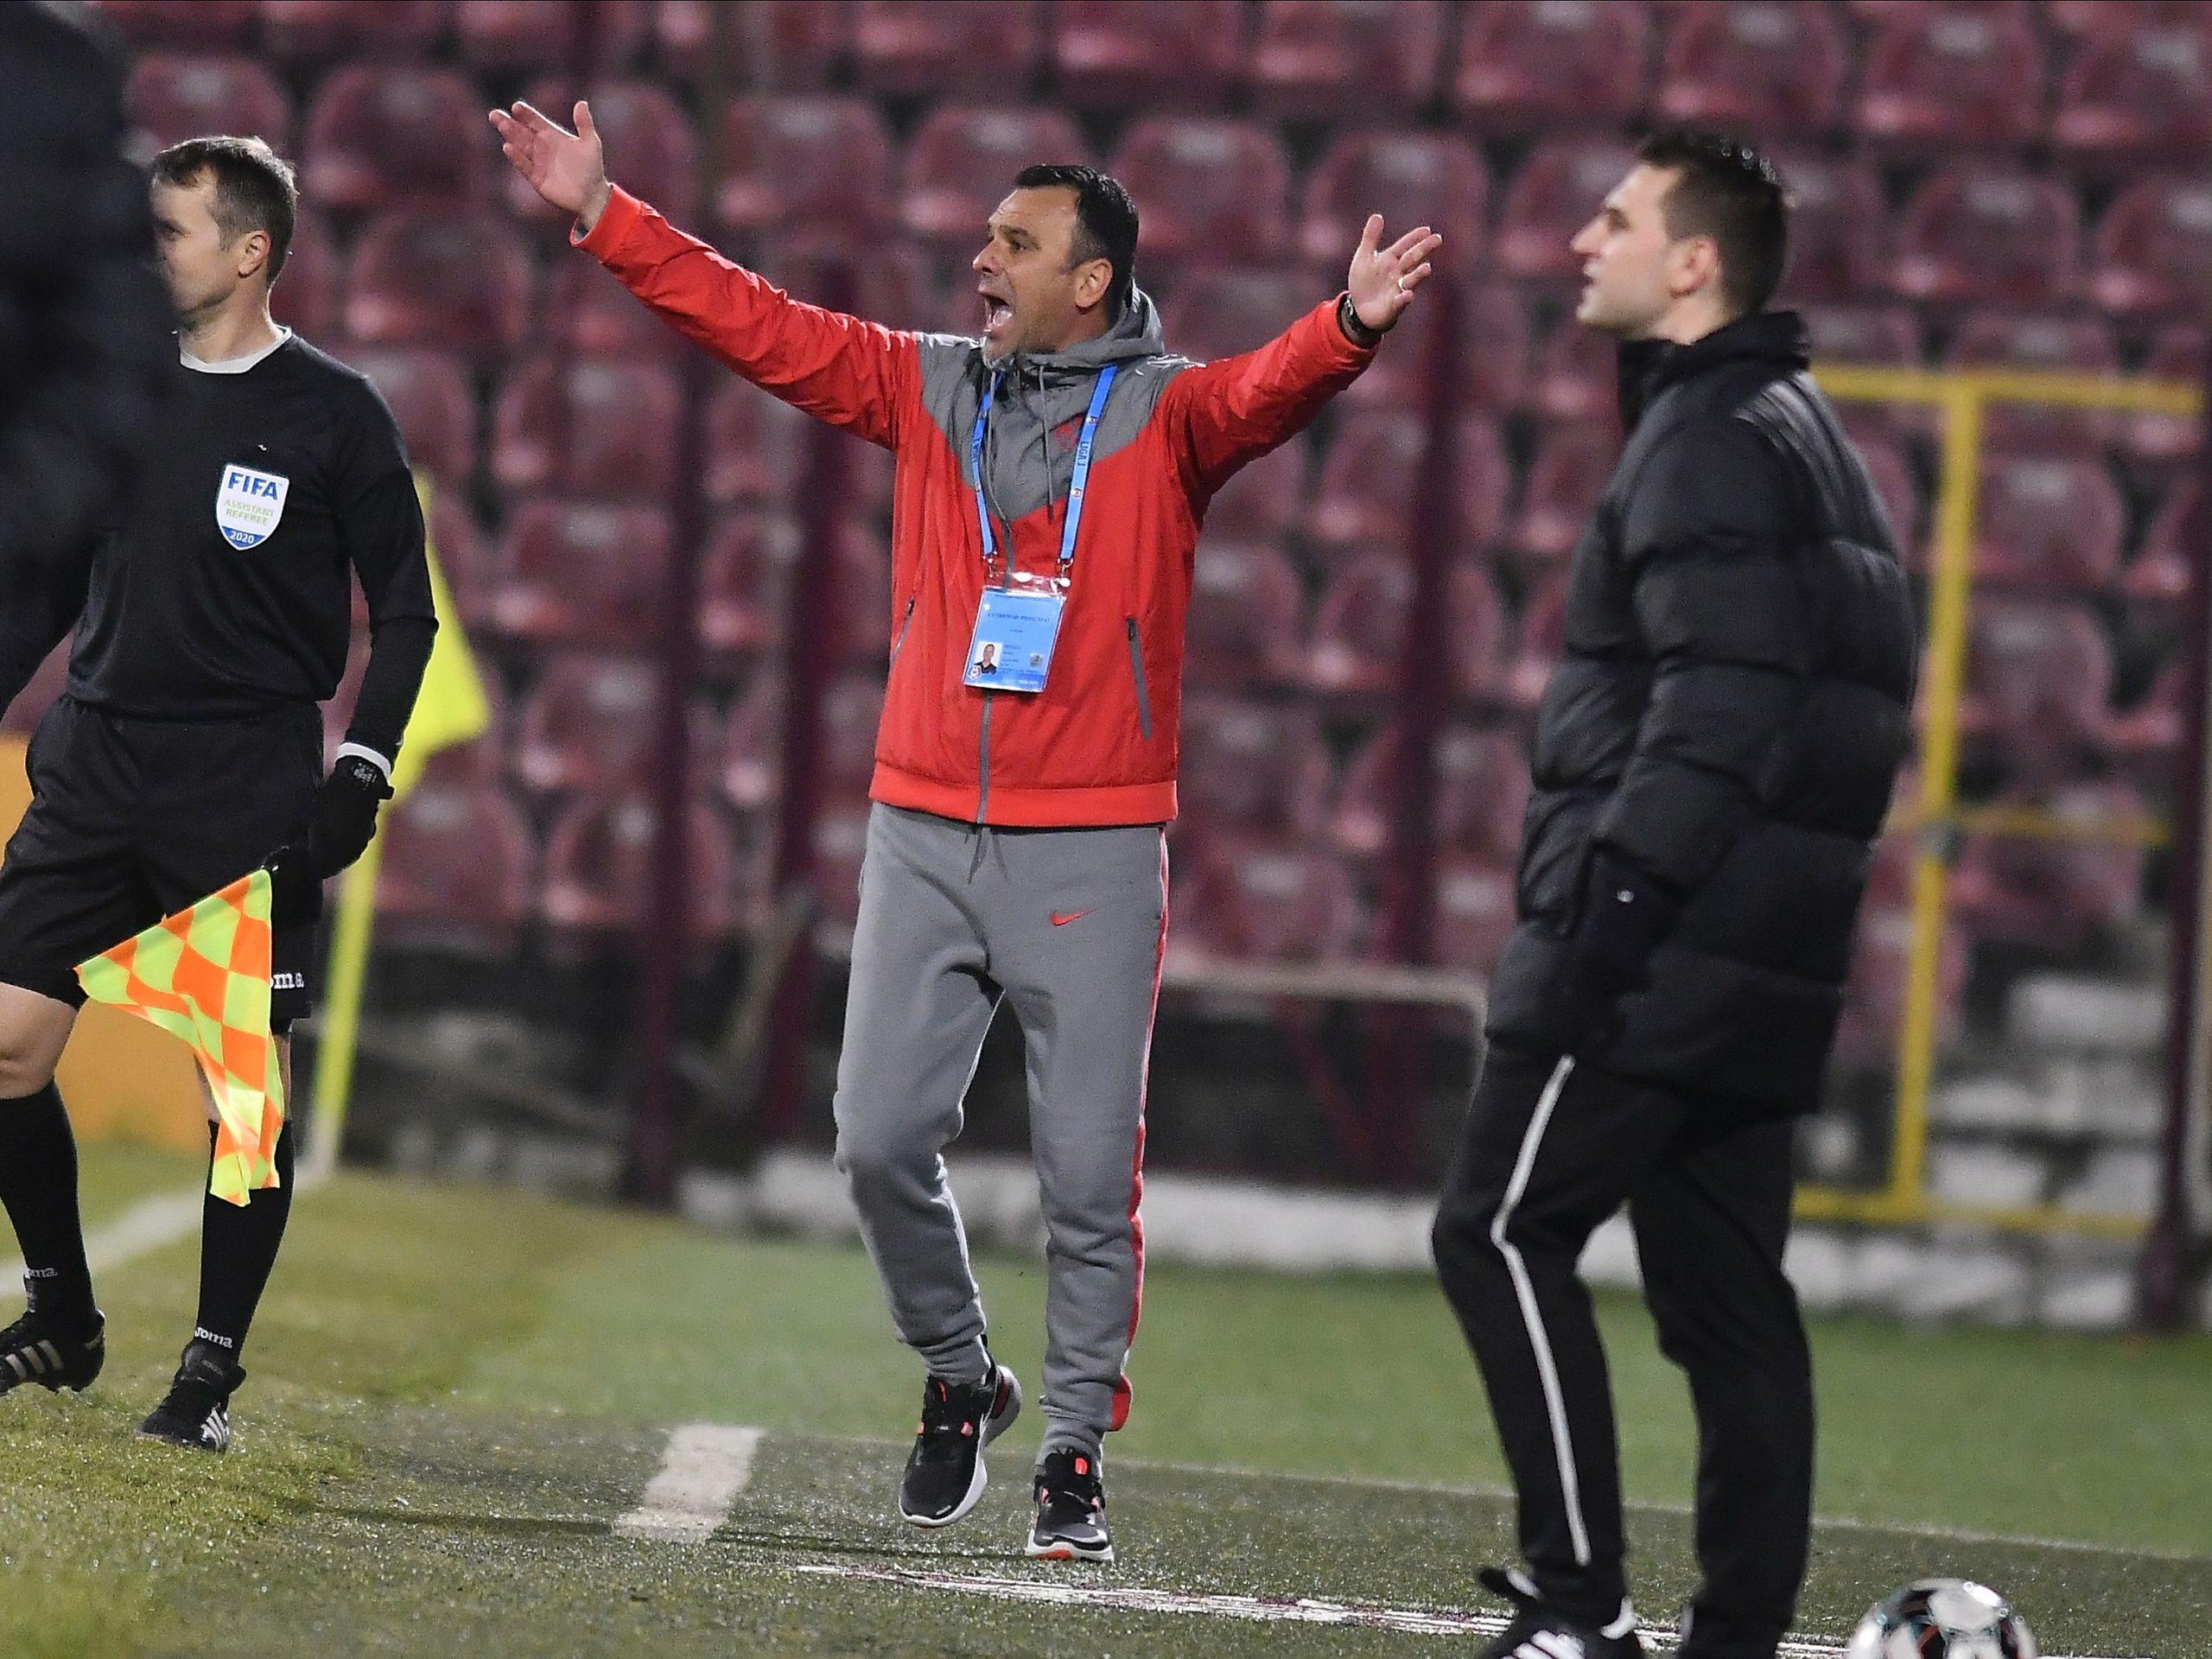 """Toni Petrea a turbat de furie! Scandal la pauza meciului cu Sepsi! Leo Grozavu, acuzat că a înjurat jucătorii de la FCSB: """"Bate-i, bă, pe ai tăi, că doar atât ştii"""""""